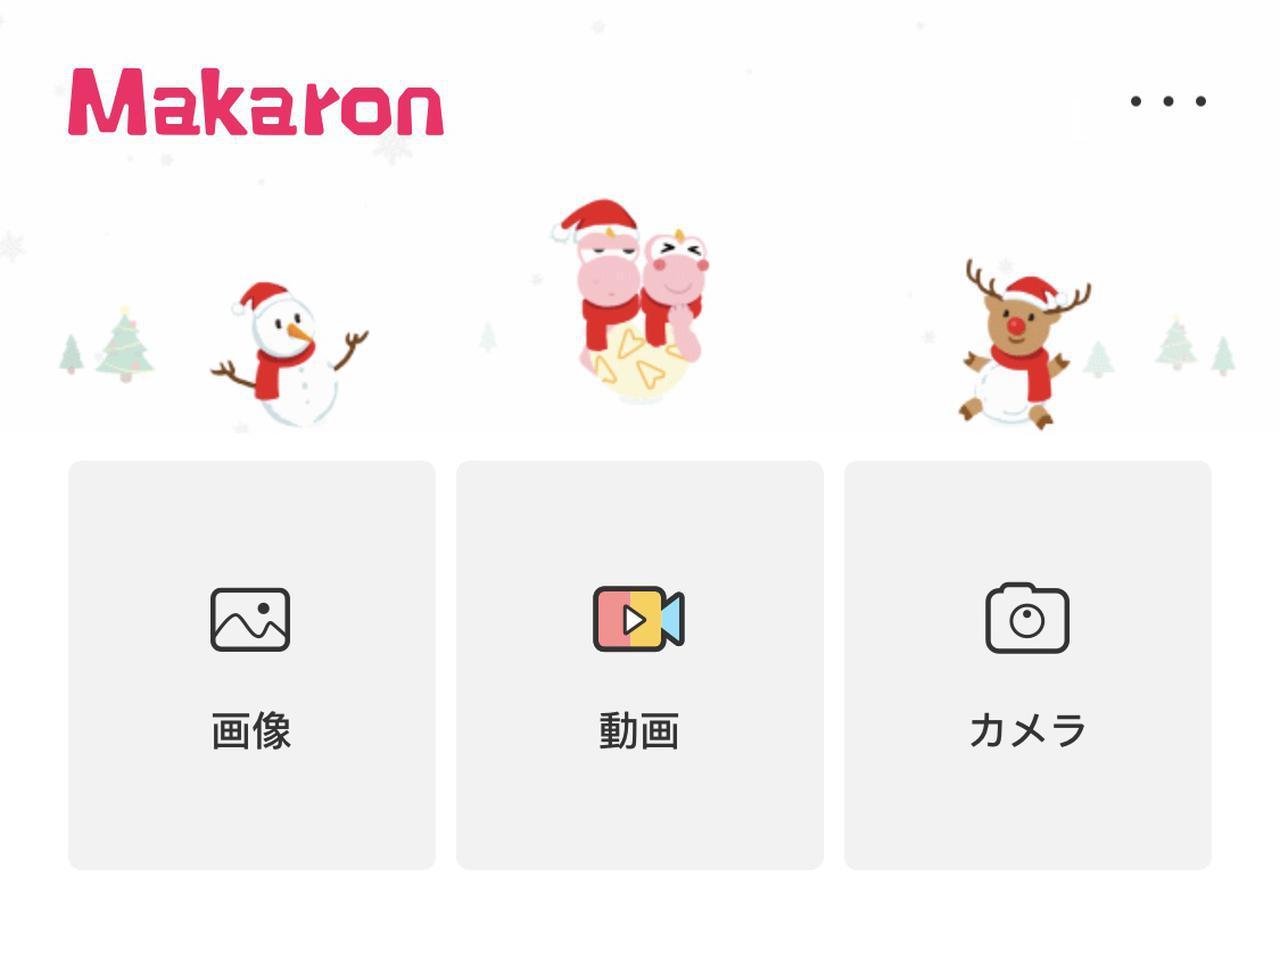 画像: 『Makaron-もっと創造力を』 - Fun Fun Fun Club - デジタル・ライフスタイルマガジン